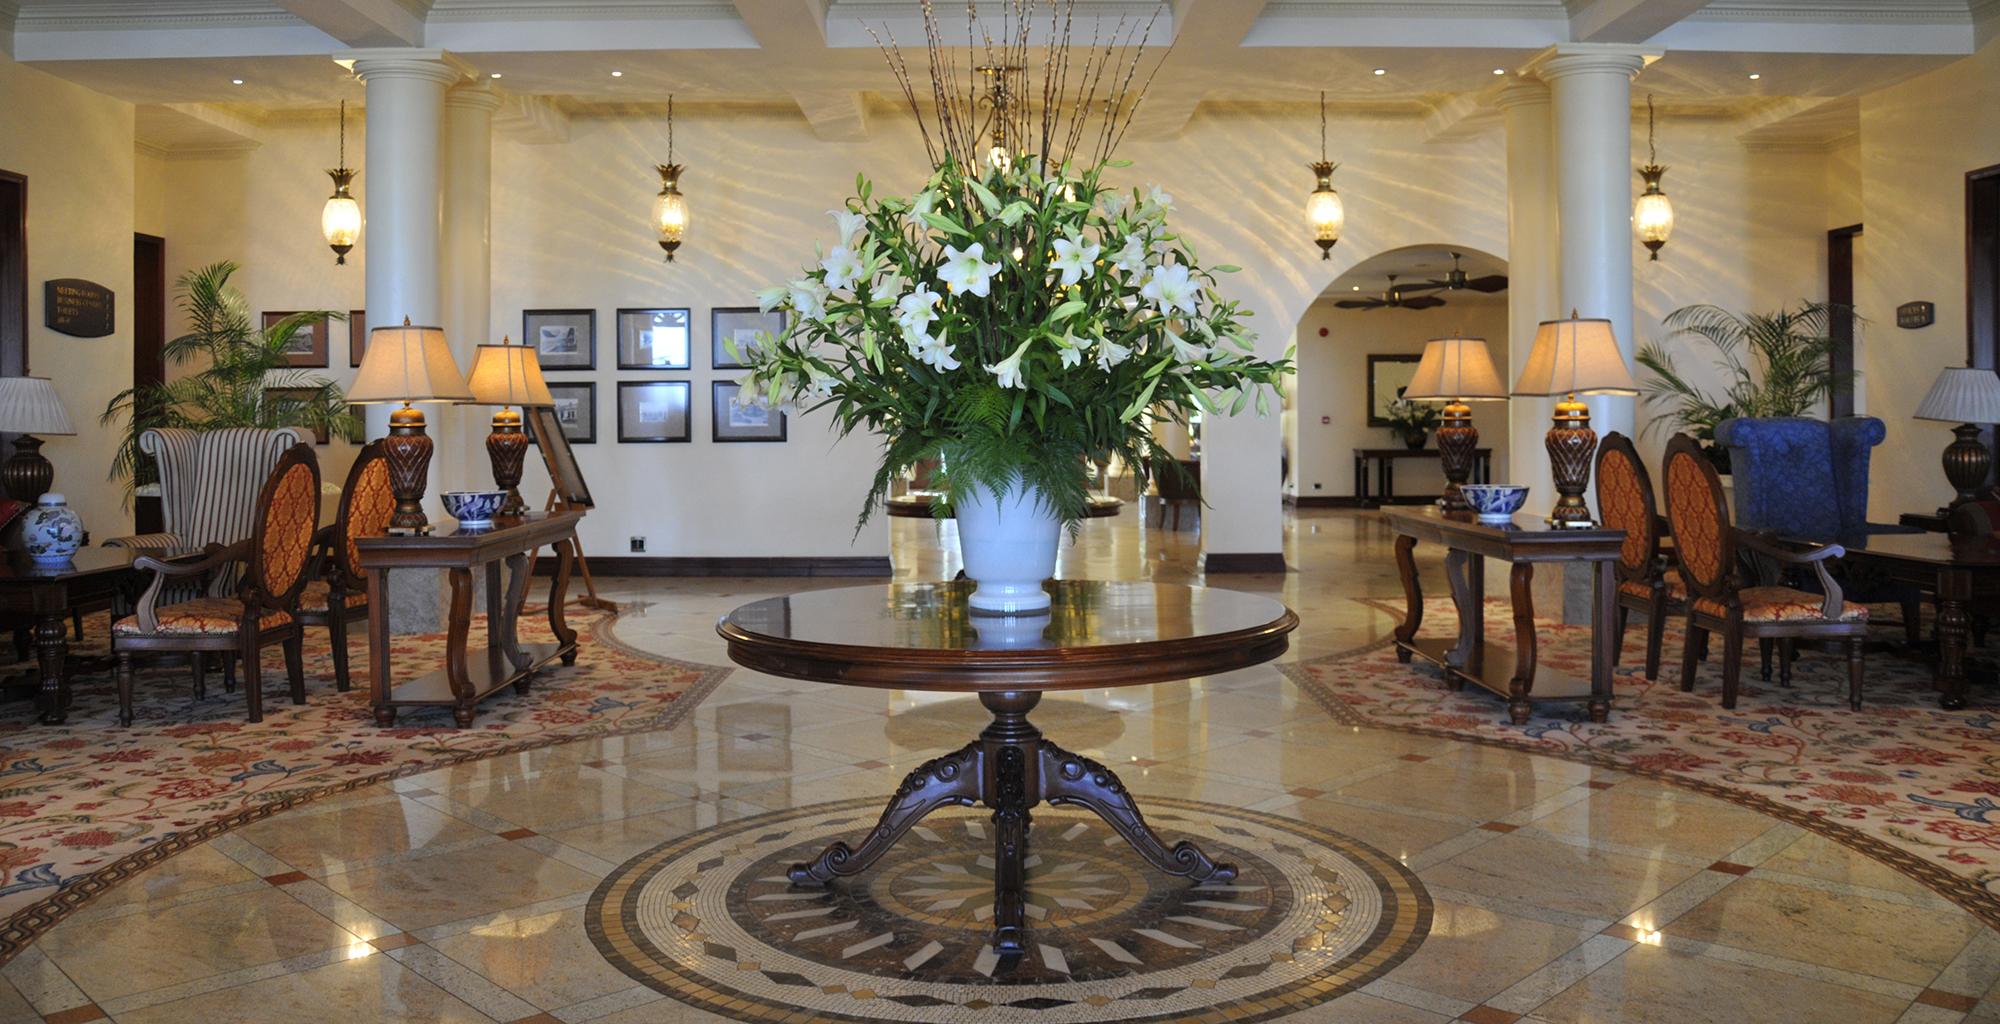 Mozambique-Maputo-Inhambane-Polona-Serena-Hotel-Lobby